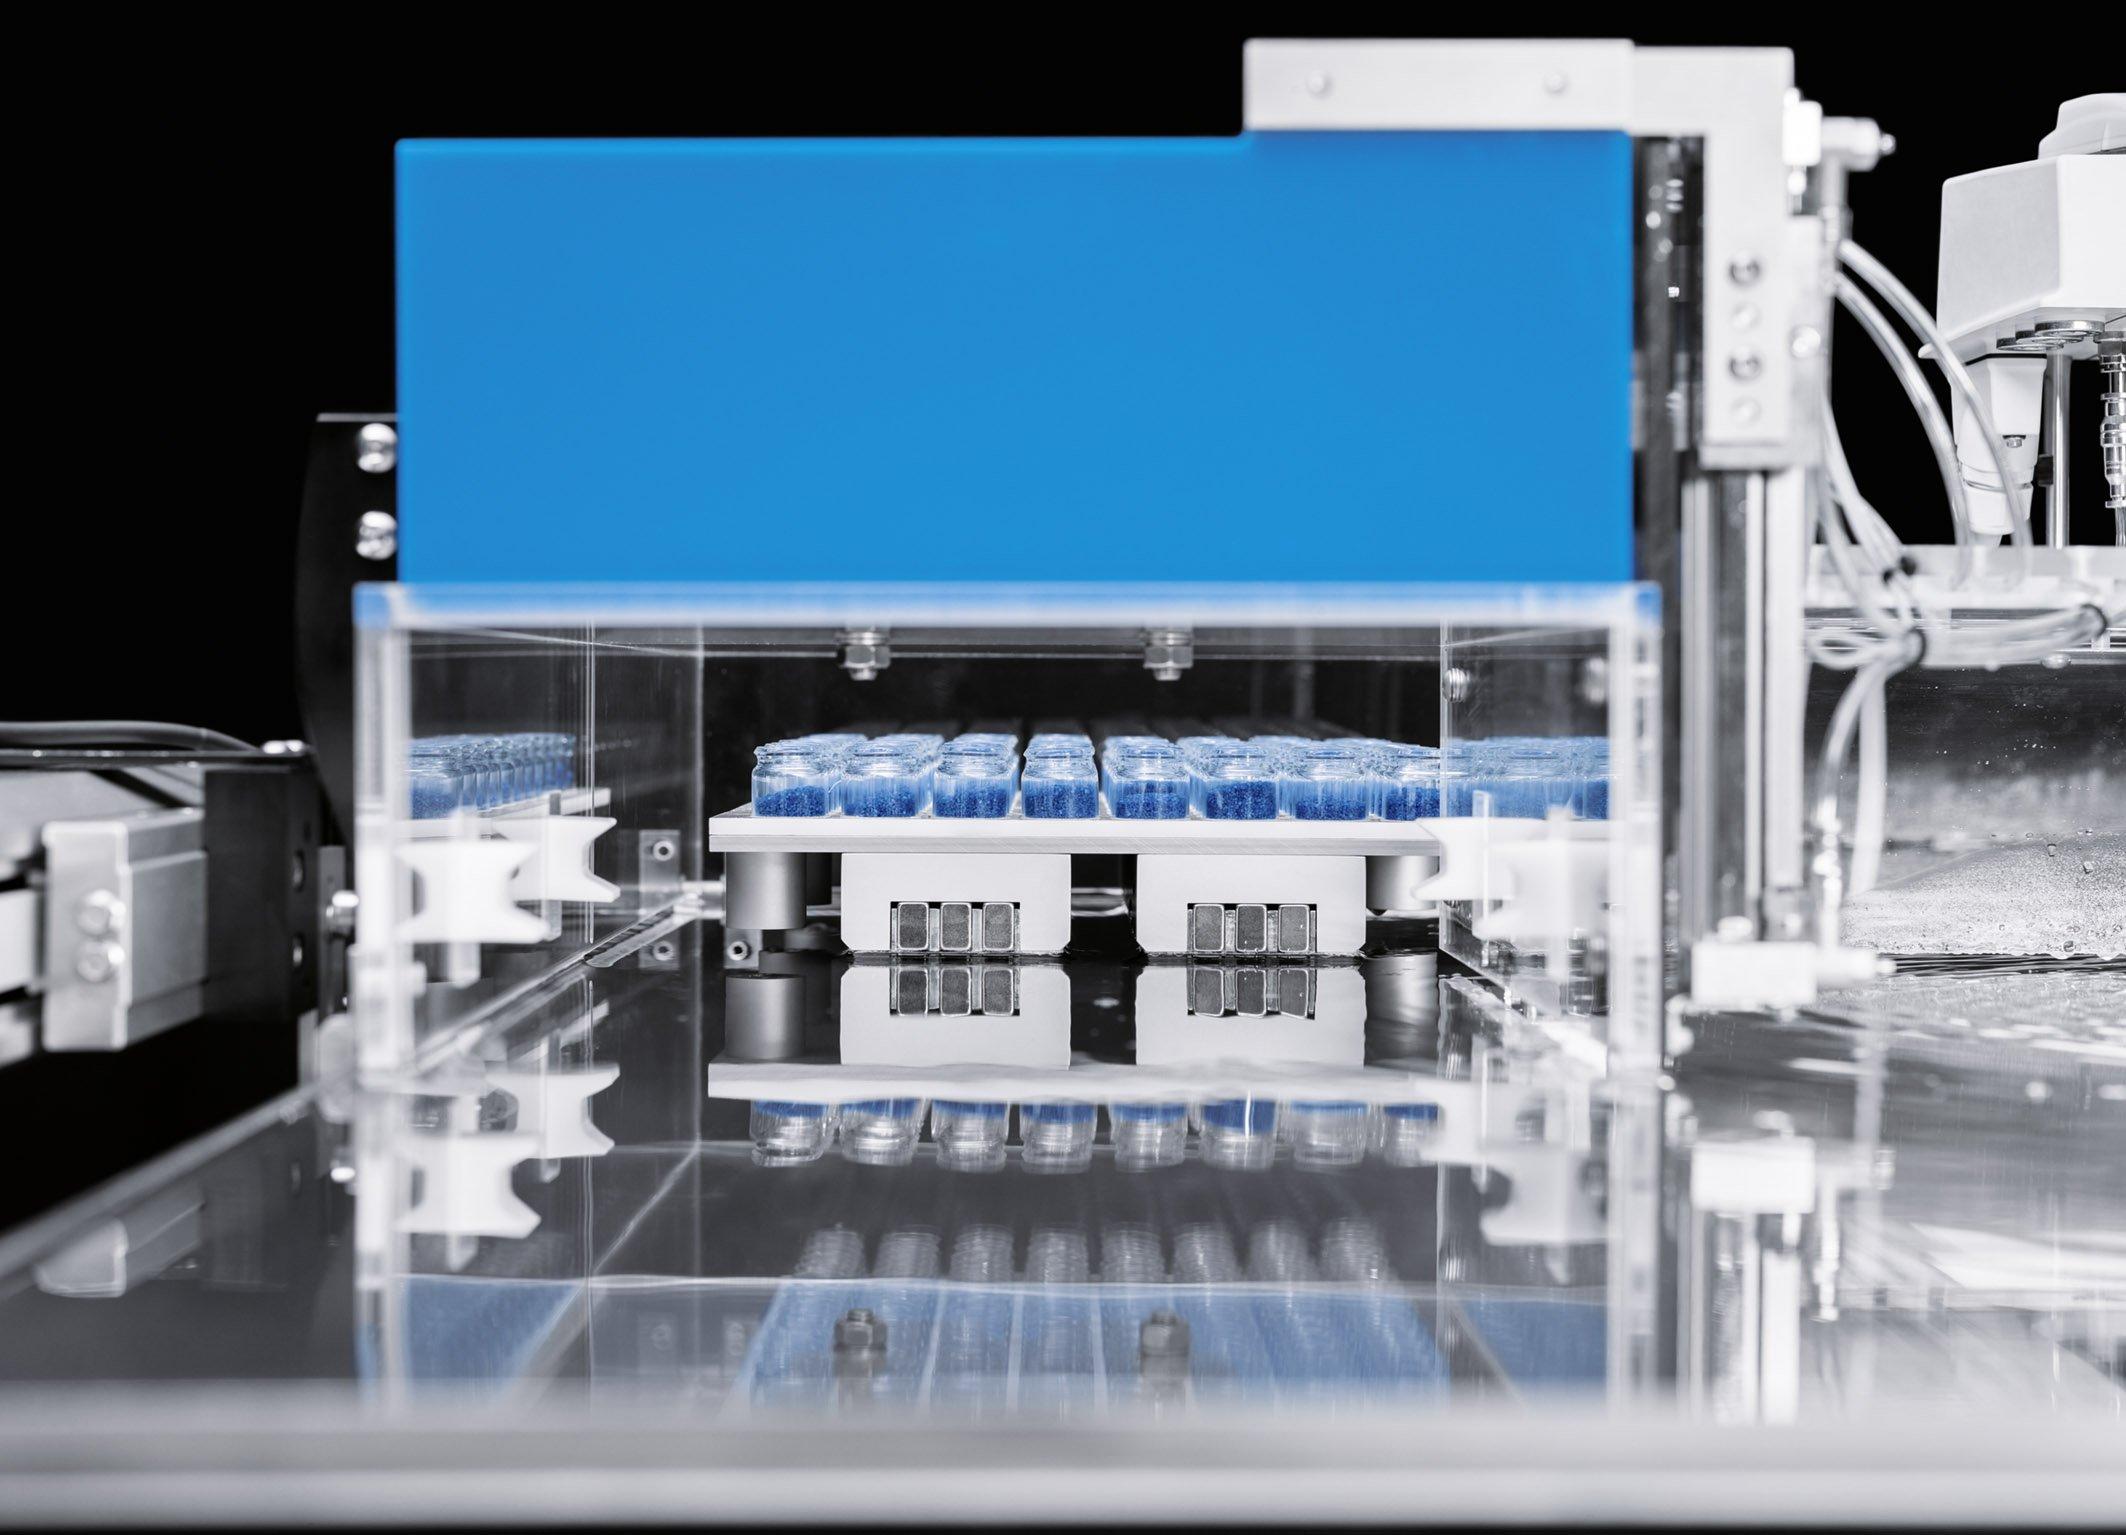 """Unter dem Titel """"SupraMotion"""" präsentiert Festo drei neue Techniken, darunter die """"SupraJunction"""", die """"den berührungslosen Transport von Objekten über geschlossene Oberflächen hinweg und durch Schleusen hindurch"""" ermöglichen soll."""